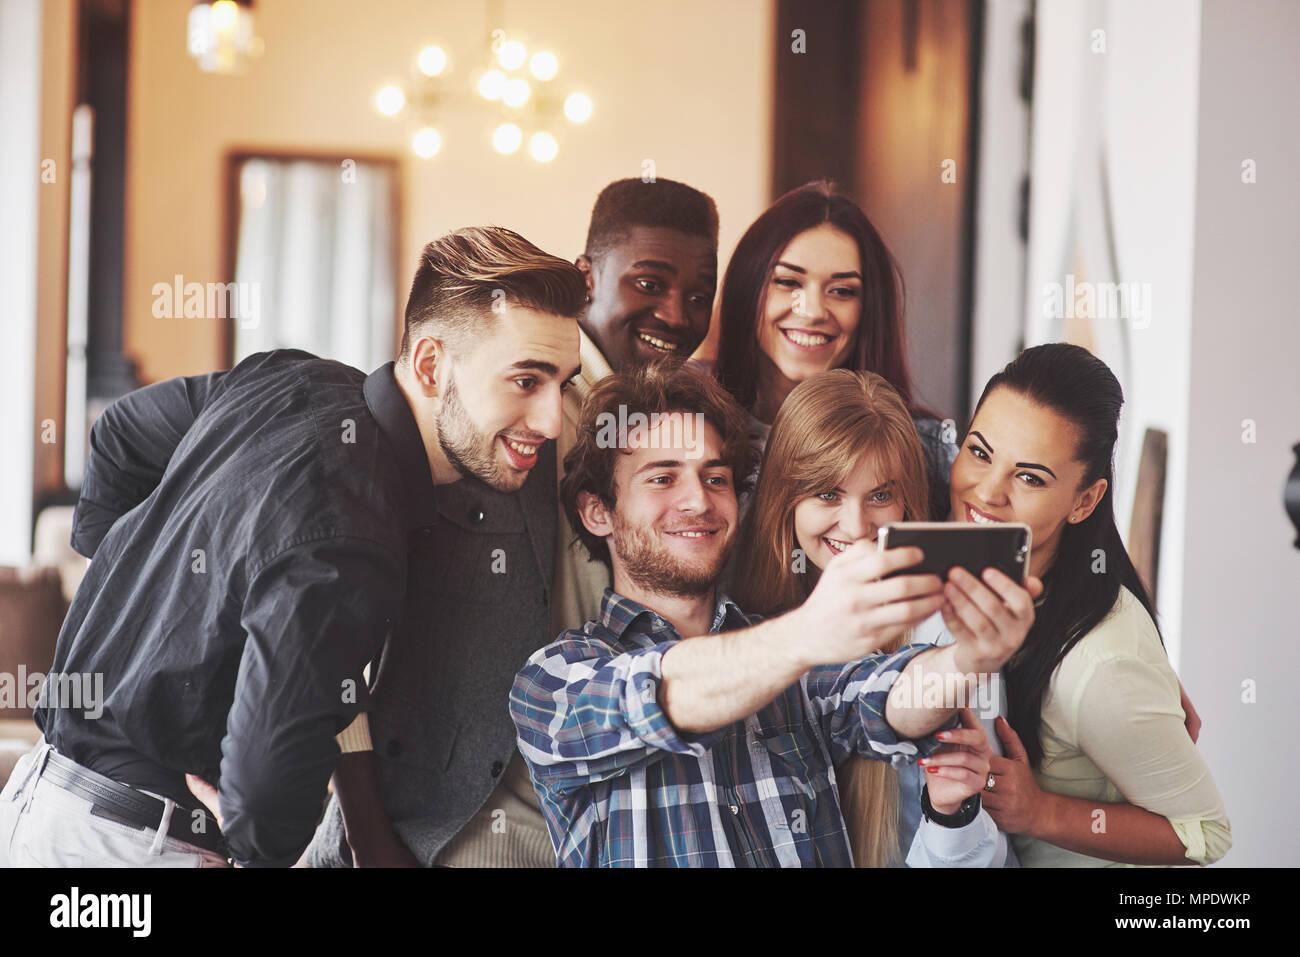 Multirassischen Menschen Spaß an Cafe ein selfie mit Handy. Gruppe junger Freunde im Restaurant, Selbstportrait mit smart phone Sitzen Stockbild